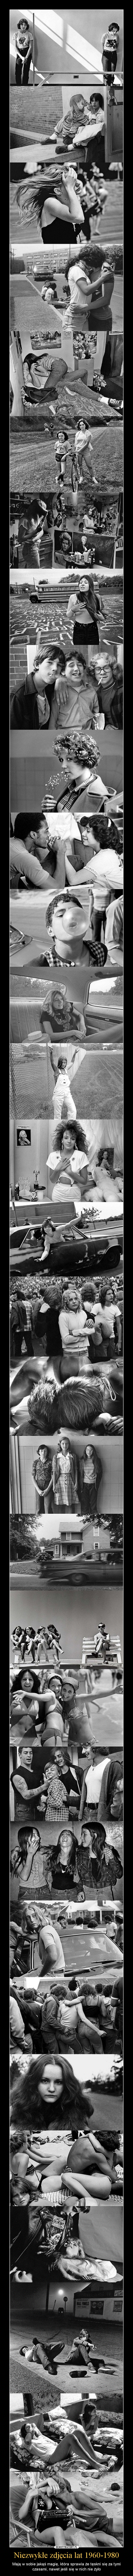 Niezwykłe zdjęcia lat 1960-1980 – Mają w sobie jakąś magię, która sprawia że tęskni się za tymi czasami, nawet jeśli się w nich nie żyło